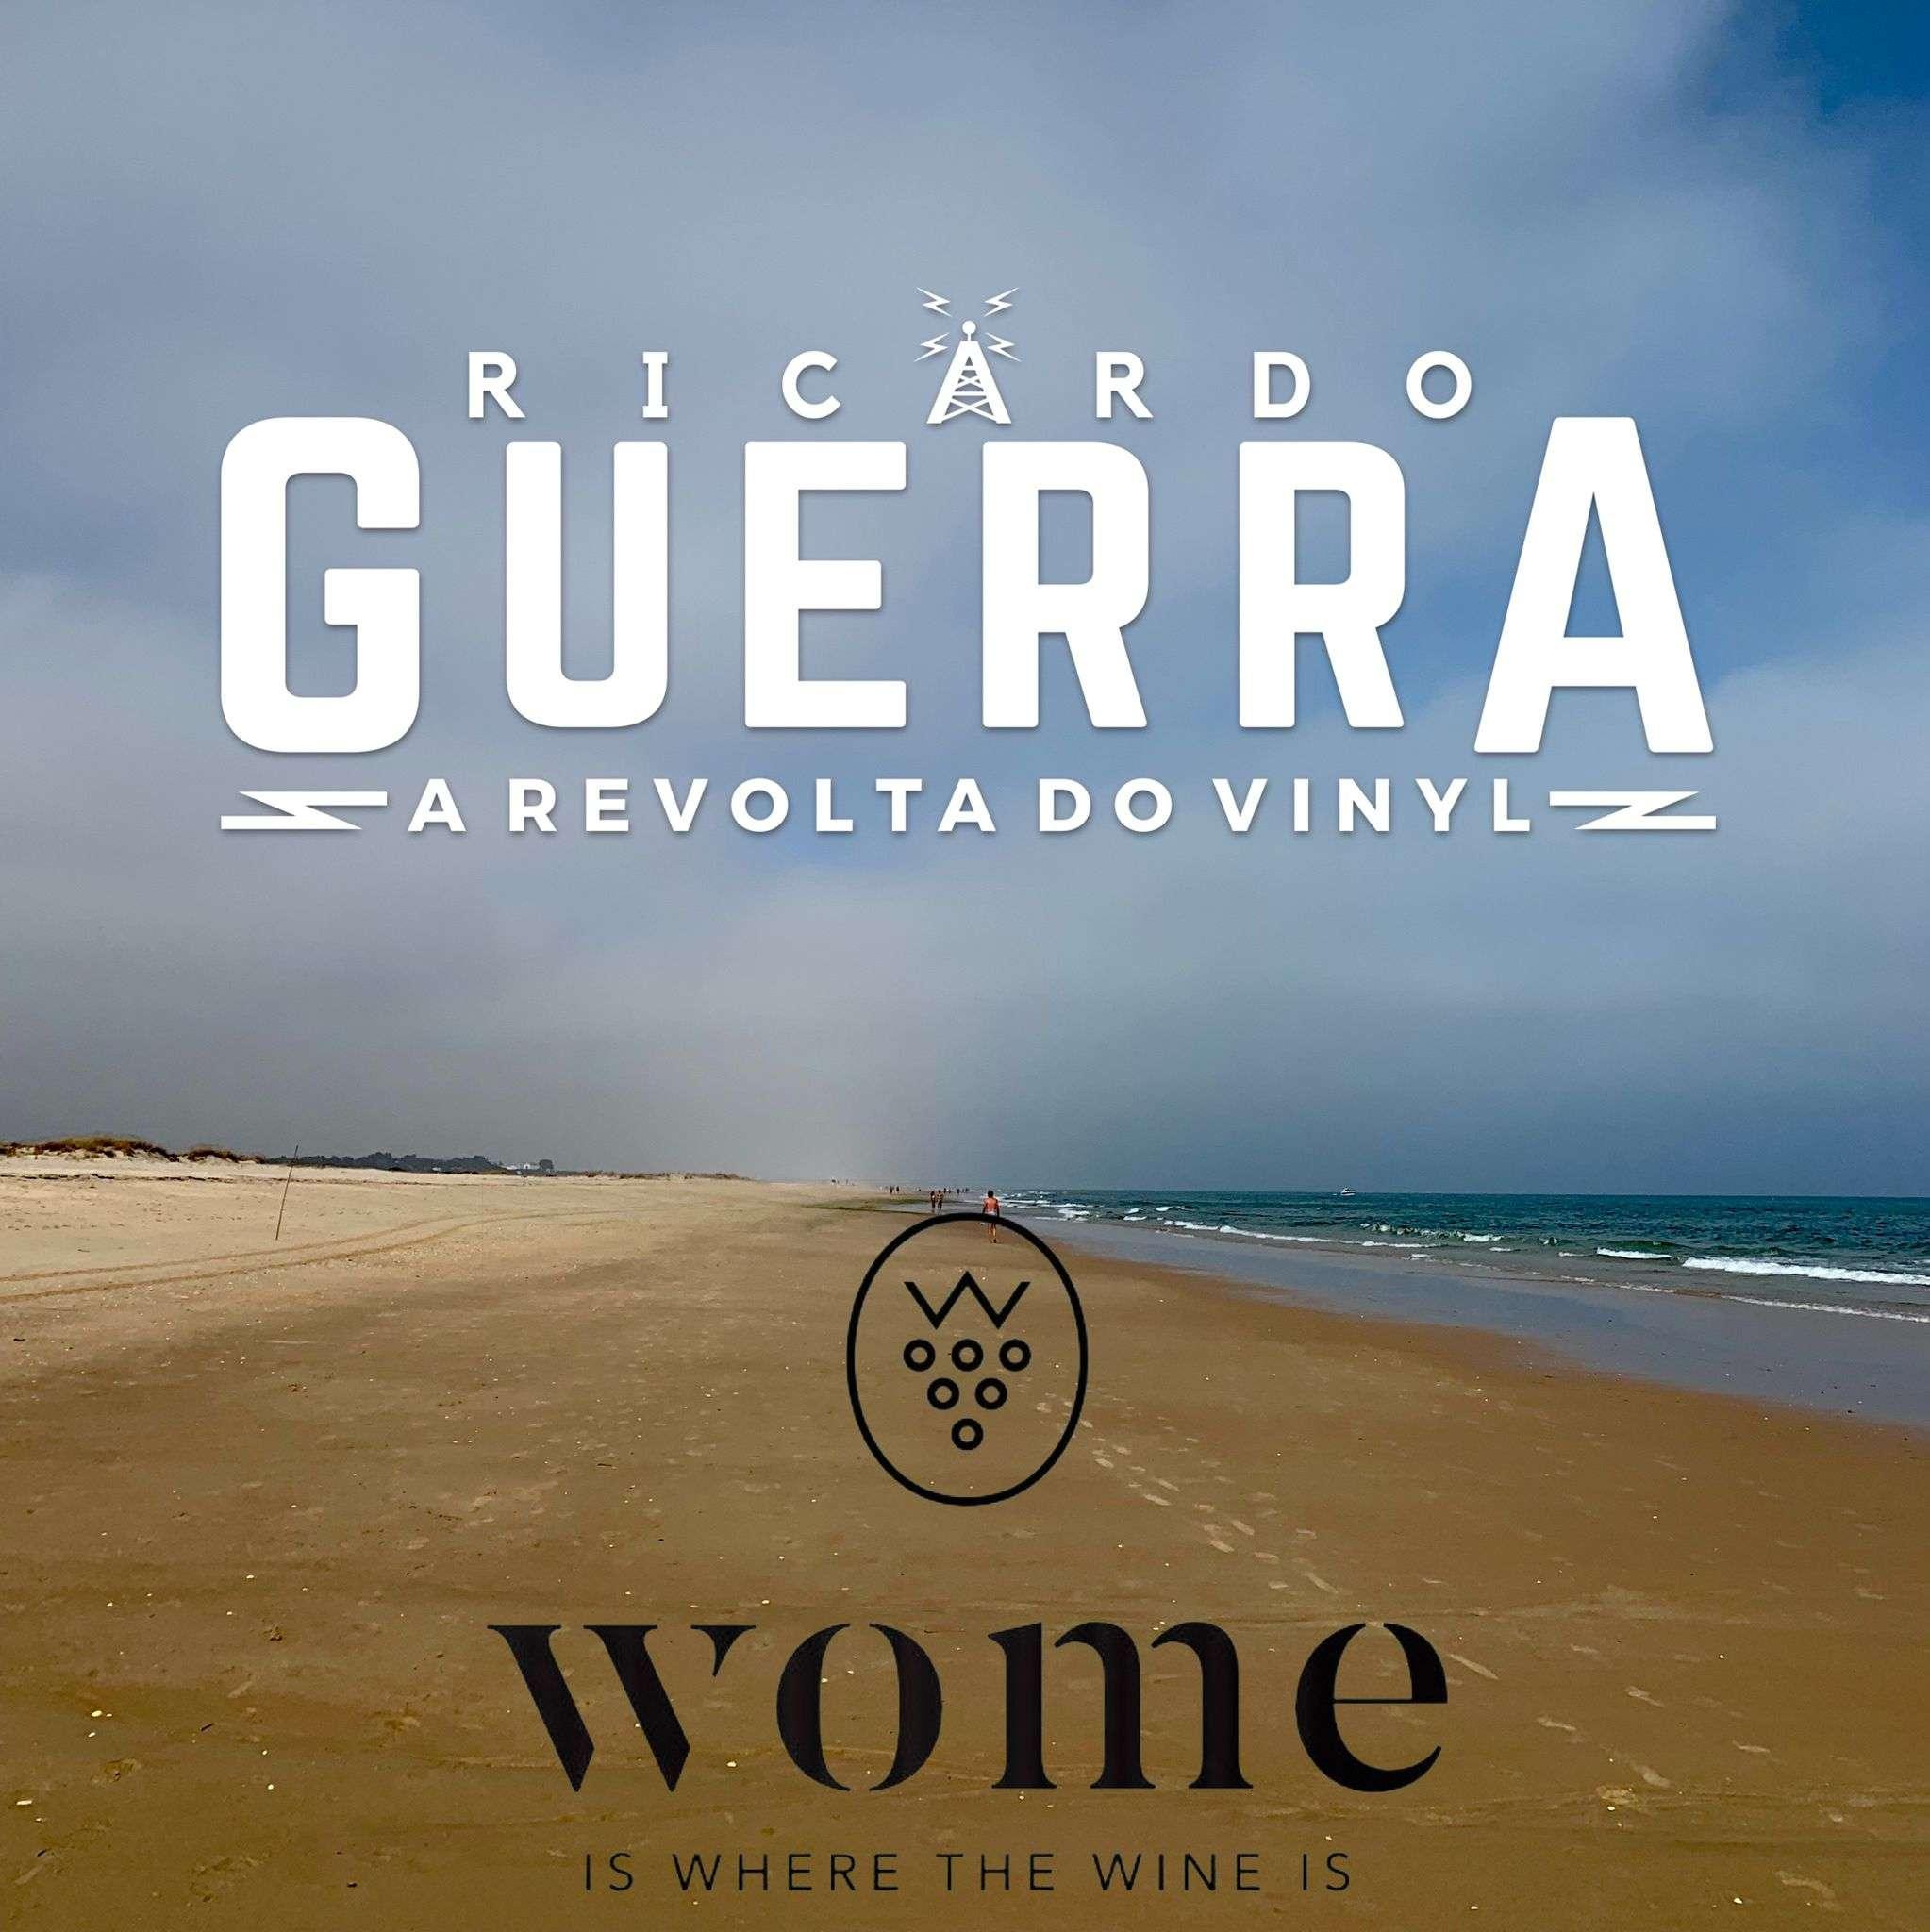 Desta vez juntaram-se a Revolta do Vinyl do Ricardo Guerra e a WOME BOX do Filipe Rebelo, para ouvir no Spotify e acompanhar um vinho de verão